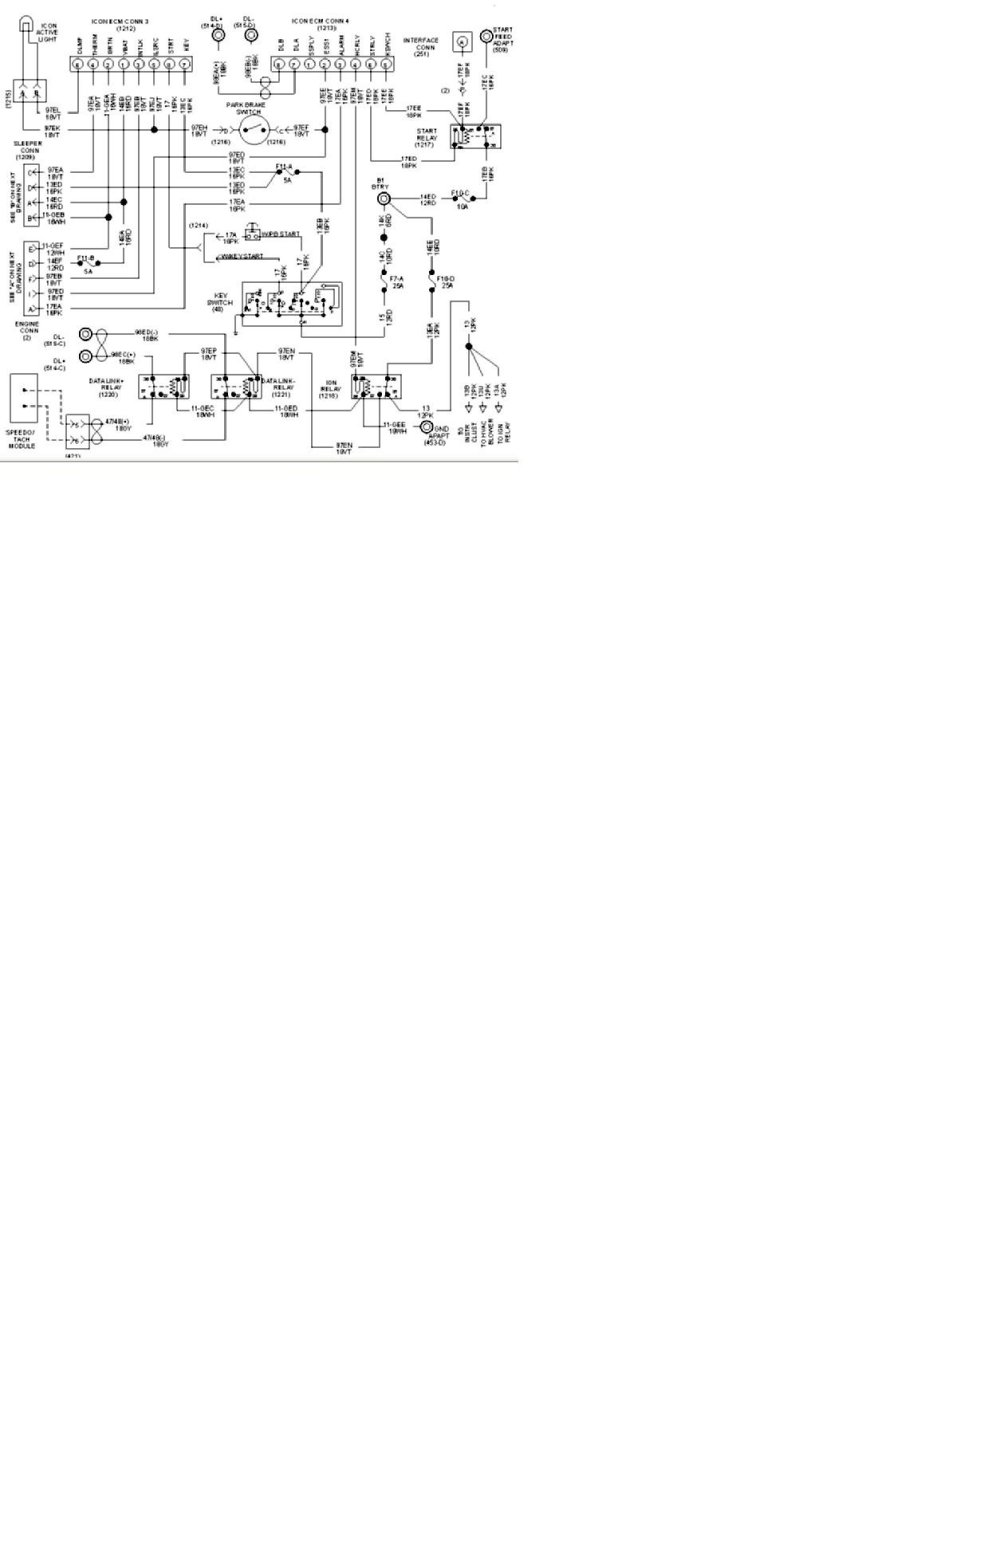 medium resolution of international prostar schematic